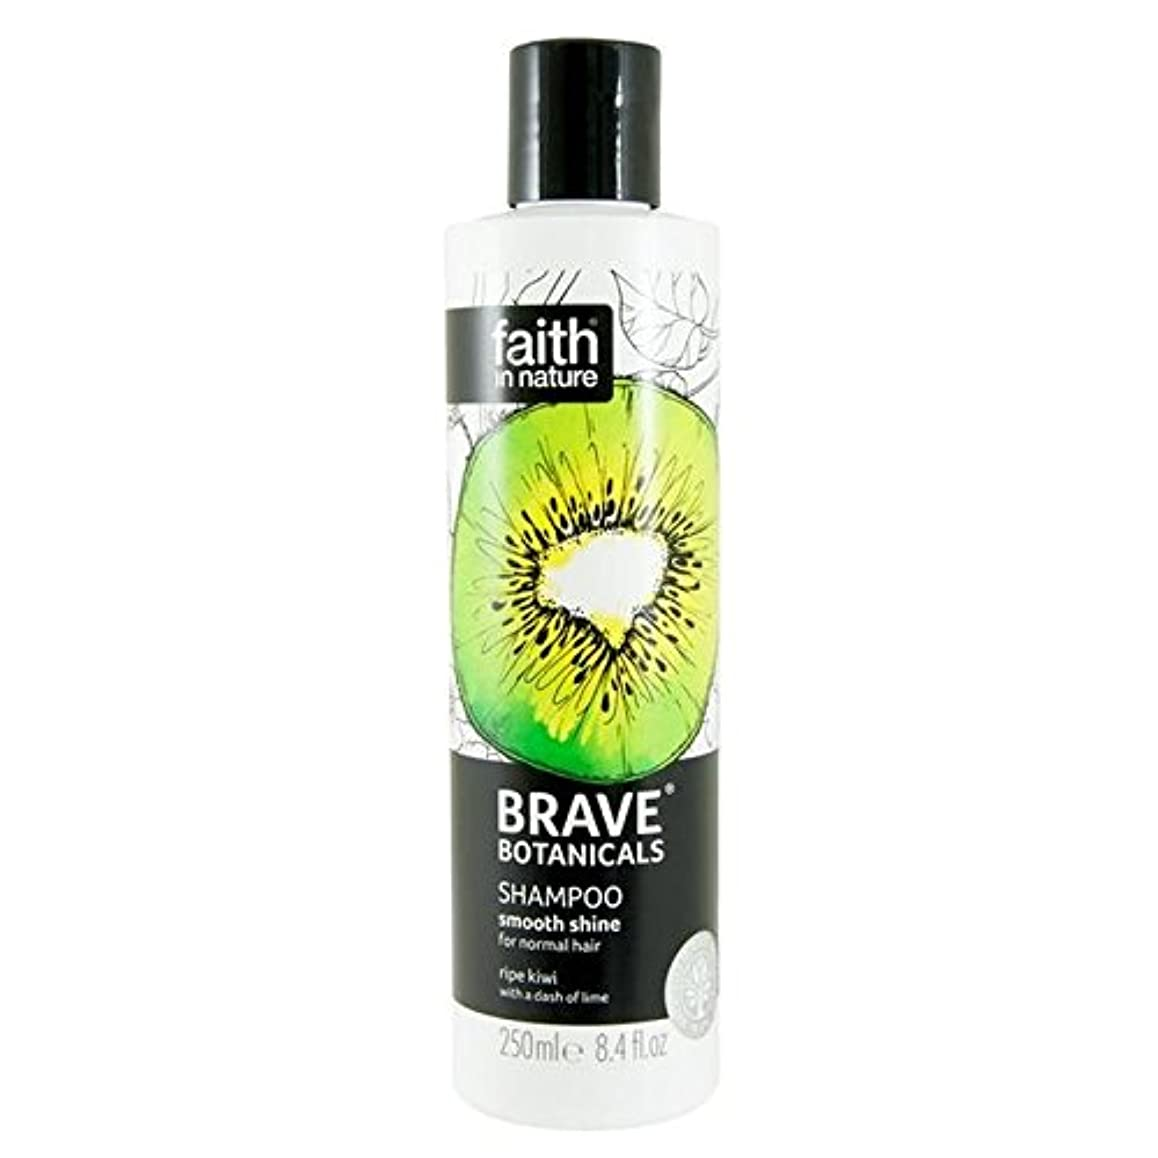 グリットレビュアー冷笑するBrave Botanicals Kiwi & Lime Smooth Shine Shampoo 250ml (Pack of 2) - (Faith In Nature) 勇敢な植物キウイ&ライムなめらかな輝きシャンプー250Ml (x2) [並行輸入品]